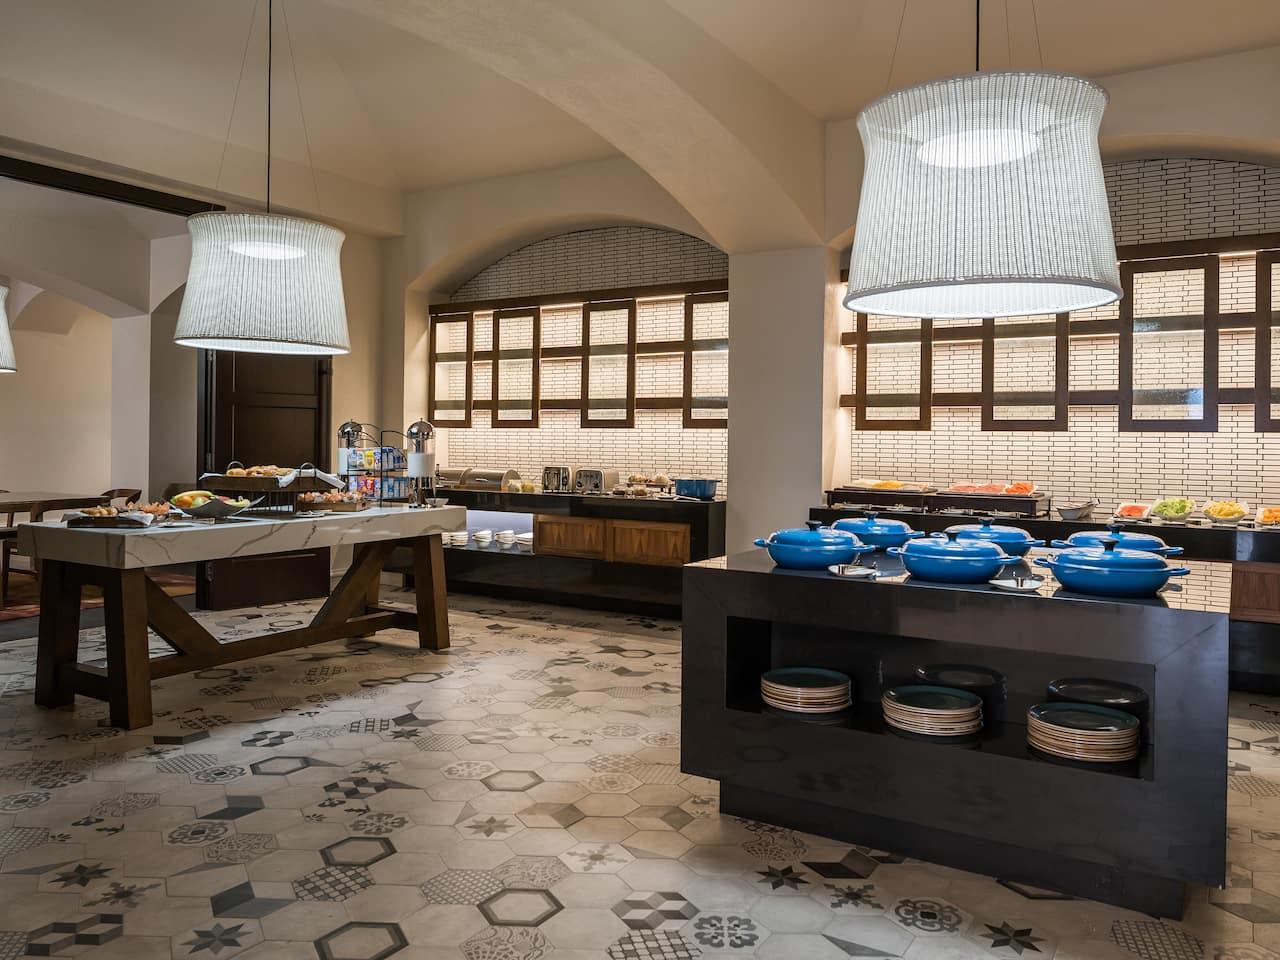 Perks Dining Hyatt Regency Coral Gables